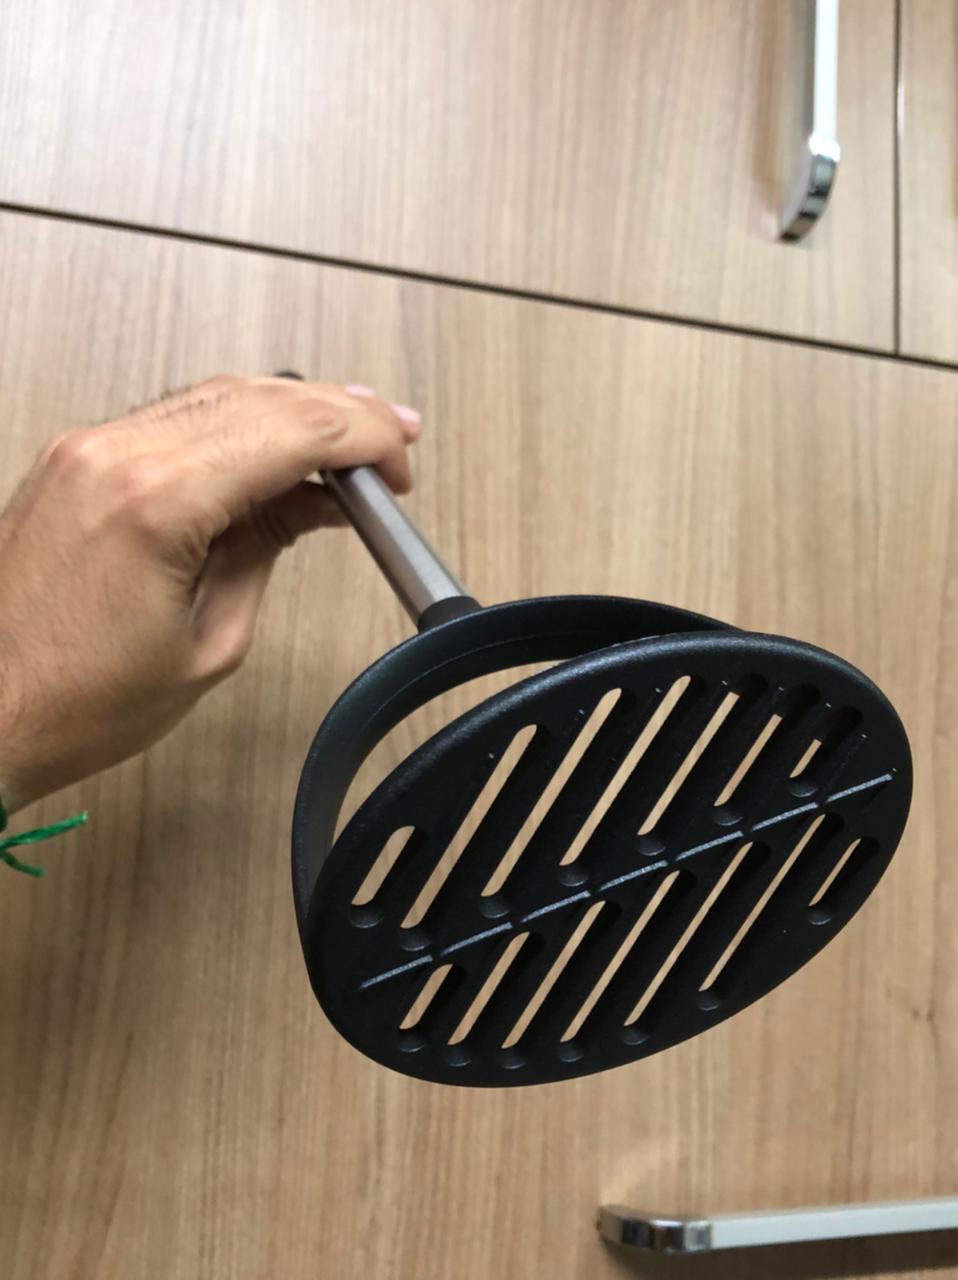 Amassador de batatas polipropileno preto espremedor de batata purê 32 x 9,5 cm